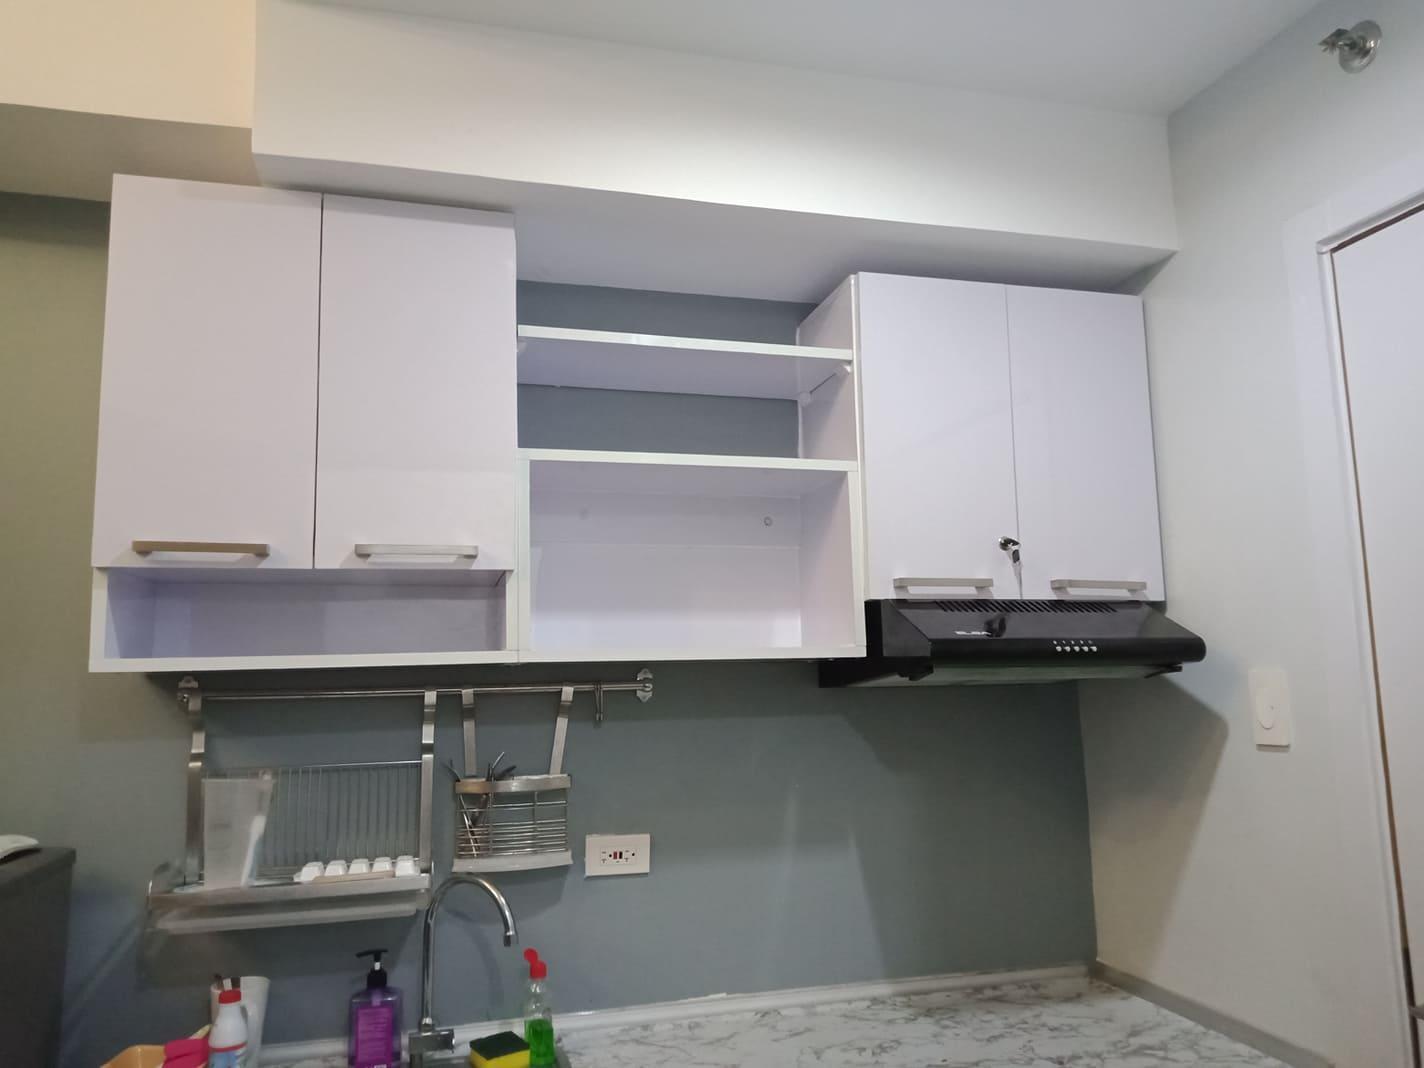 Space Saving Kitchen Hanging Cabinet Lazada Ph